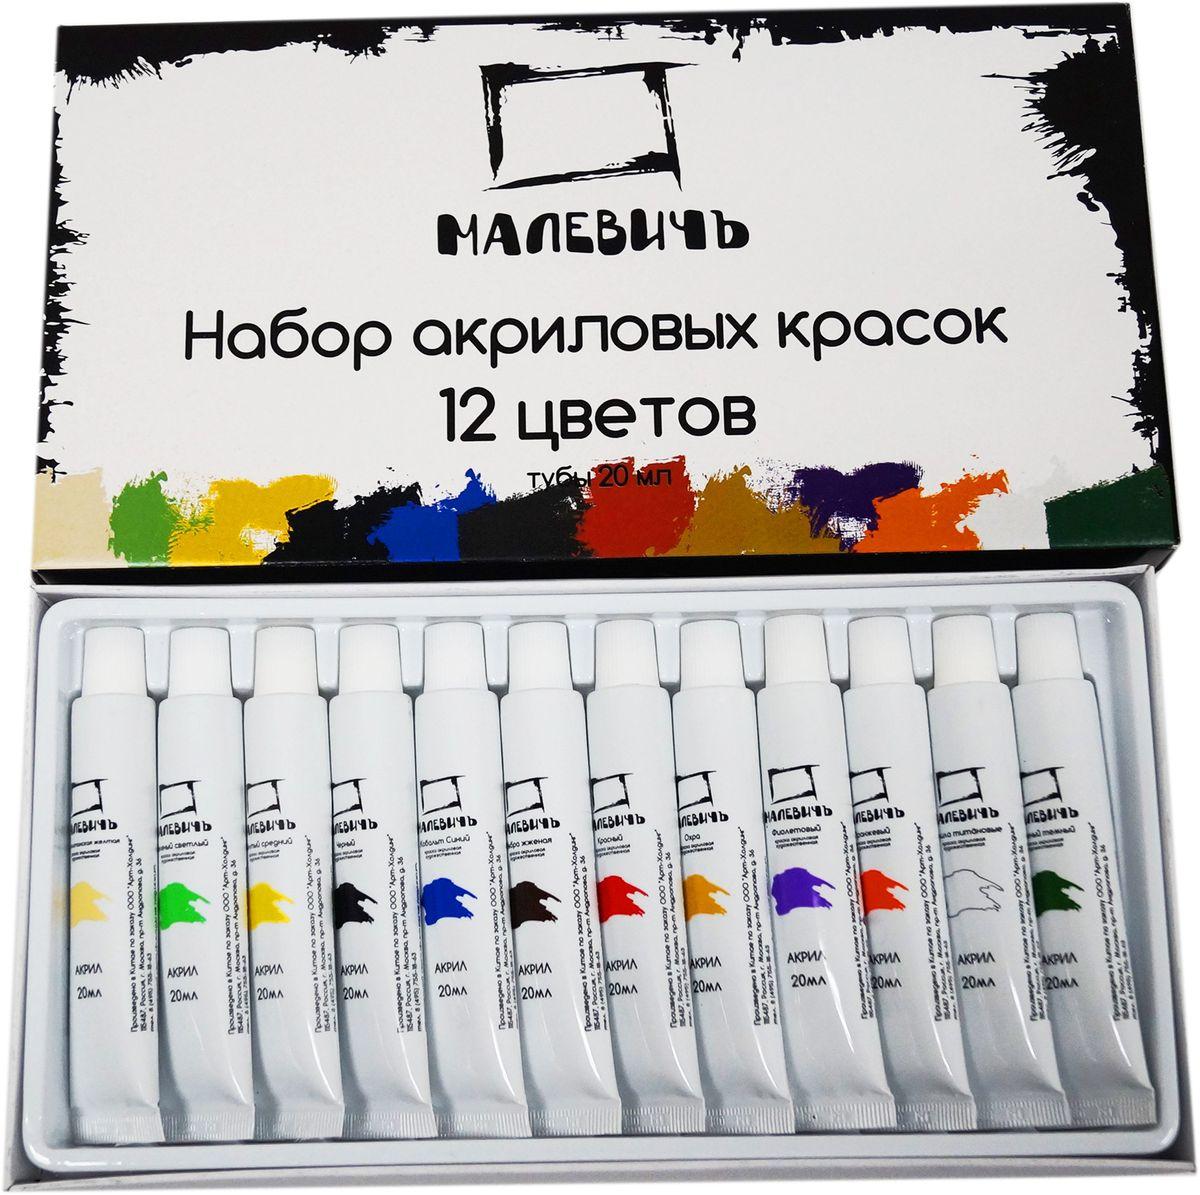 Малевичъ Набор акриловых красок 12 цветовFS-00261Универсальный комплект из 12 наиболее популярных цветов, смешивая которые можно получитьпрактически любой оттенок. Идеален в качестве «стартового набора»и как подарок художнику. Небольшой объем тюбиков удобен для выездов на этюды. Яркие, насыщенные акриловые краски Малевичъ легко разбавляются водой, быстро сохнут, не требуют специально подготовленной поверхности для работы.В состав входят 12 наиболее популярных цветов в тюбиках объемом 20 мл: белила титановые, кадмий лимонный, кадмий желтый средний, охра светлая, английская красная, кадмий красный темный, краплак розовый, марс коричневый прозрачный, ультрамарин синий, голубая «ФЦ», зеленая «ФЦ», травяная зеленая.Эти профессиональные масляные краски изготавливаются из высококачественных, светостойких пигментов и натурального, очищенного льняного масла. Содержание пигмента и масла сбалансировано таким образом, чтобы получить идеальную мягкую консистенцию, позволяющую писать даже неразбавленными красками. Тончайший перетир пигмента дает возможность идеально смешивать цвета красок, а также работать методом лессировок, добиваясь акварельного эффекта. Картина, написанная масляными красками Малевичъ не изменит своего первоначального тона более 100 лет, ведь эти краски имеют оценку по шкале светостойкости не менее 7 баллов из 8, а белила специально изготавливаются на основе саффлорового масла, исключающего их пожелтение со временем.Масляные краски Малевичъ:•изготавливаются на основе высококачественных натуральных пигментов и масел•цвета не изменяются со временем•имеют 7 баллов из 8 возможных по шкале светостойкости•хорошо смешиваются, давая однородные оттенки•отлично ложатся на холст, не растрескиваясь после высыхания•алюминиевые тюбики позволяют экономно использовать краскуКраски имеют яркие, насыщенные цвета, которые удовлетворят как сторонников классической живописи, так и любителей авангарда, В производстве используются только экологически чистые и безопасные материалы.Ко